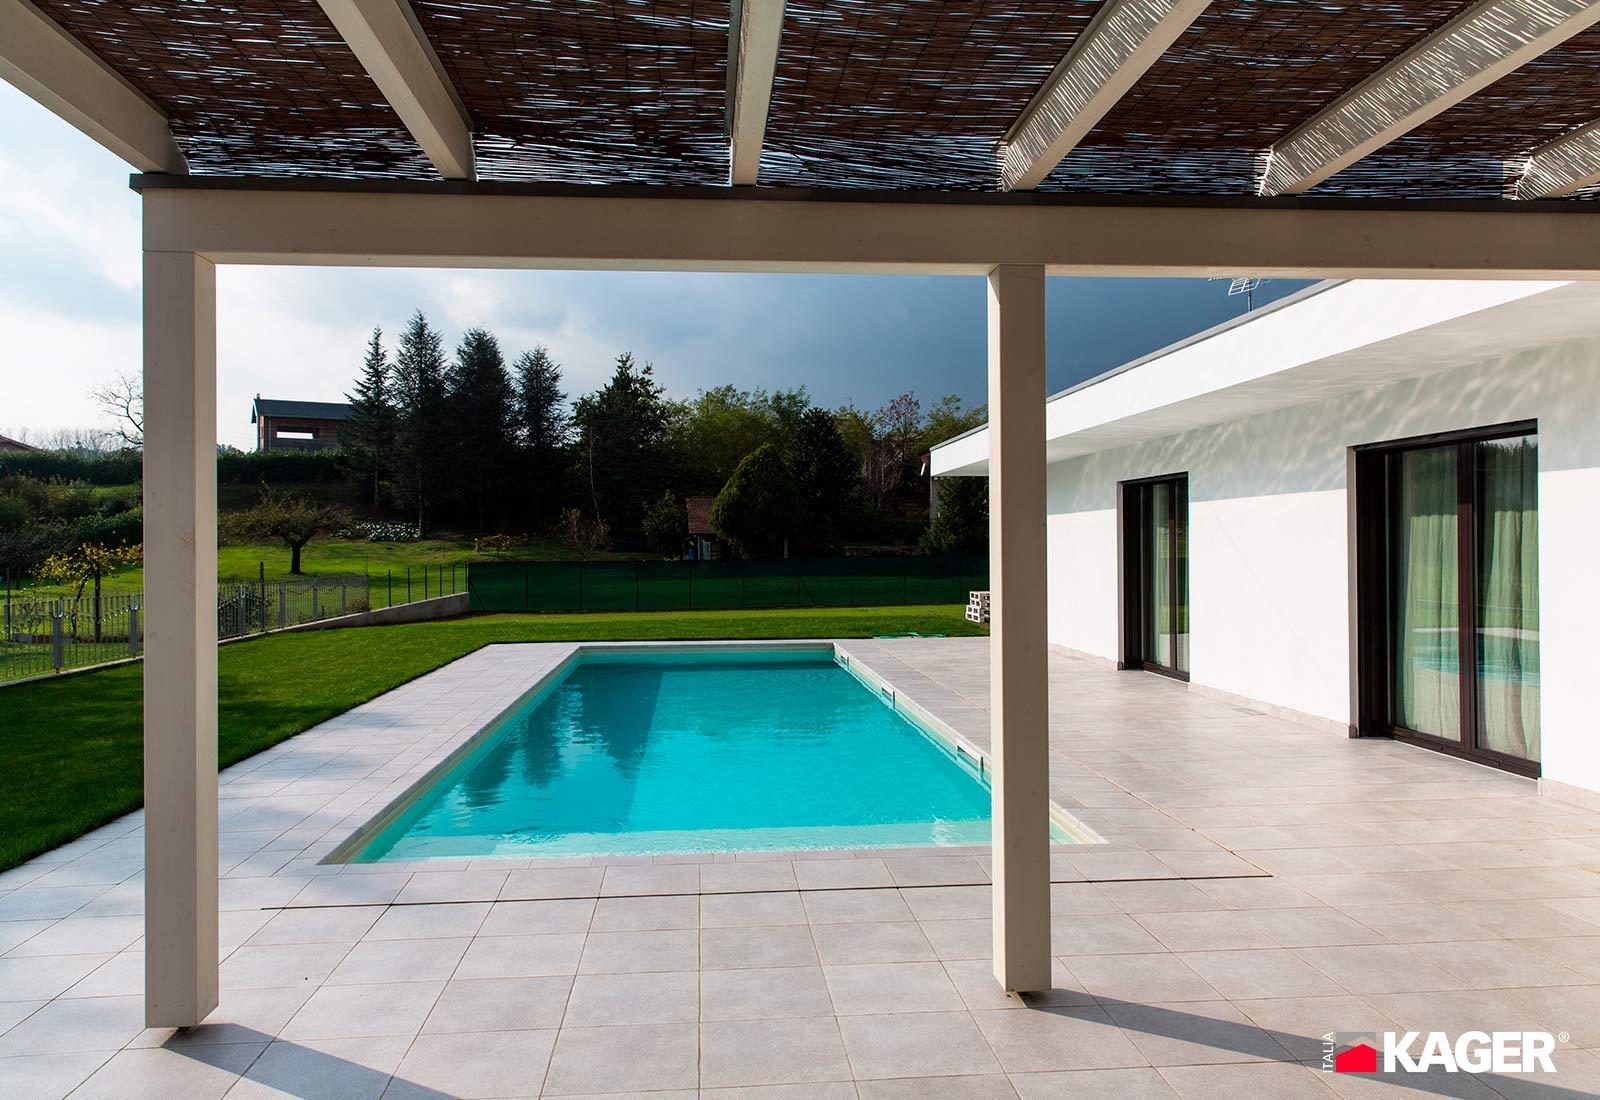 Casa-in-legno-Cureggio-Kager-Italia-04